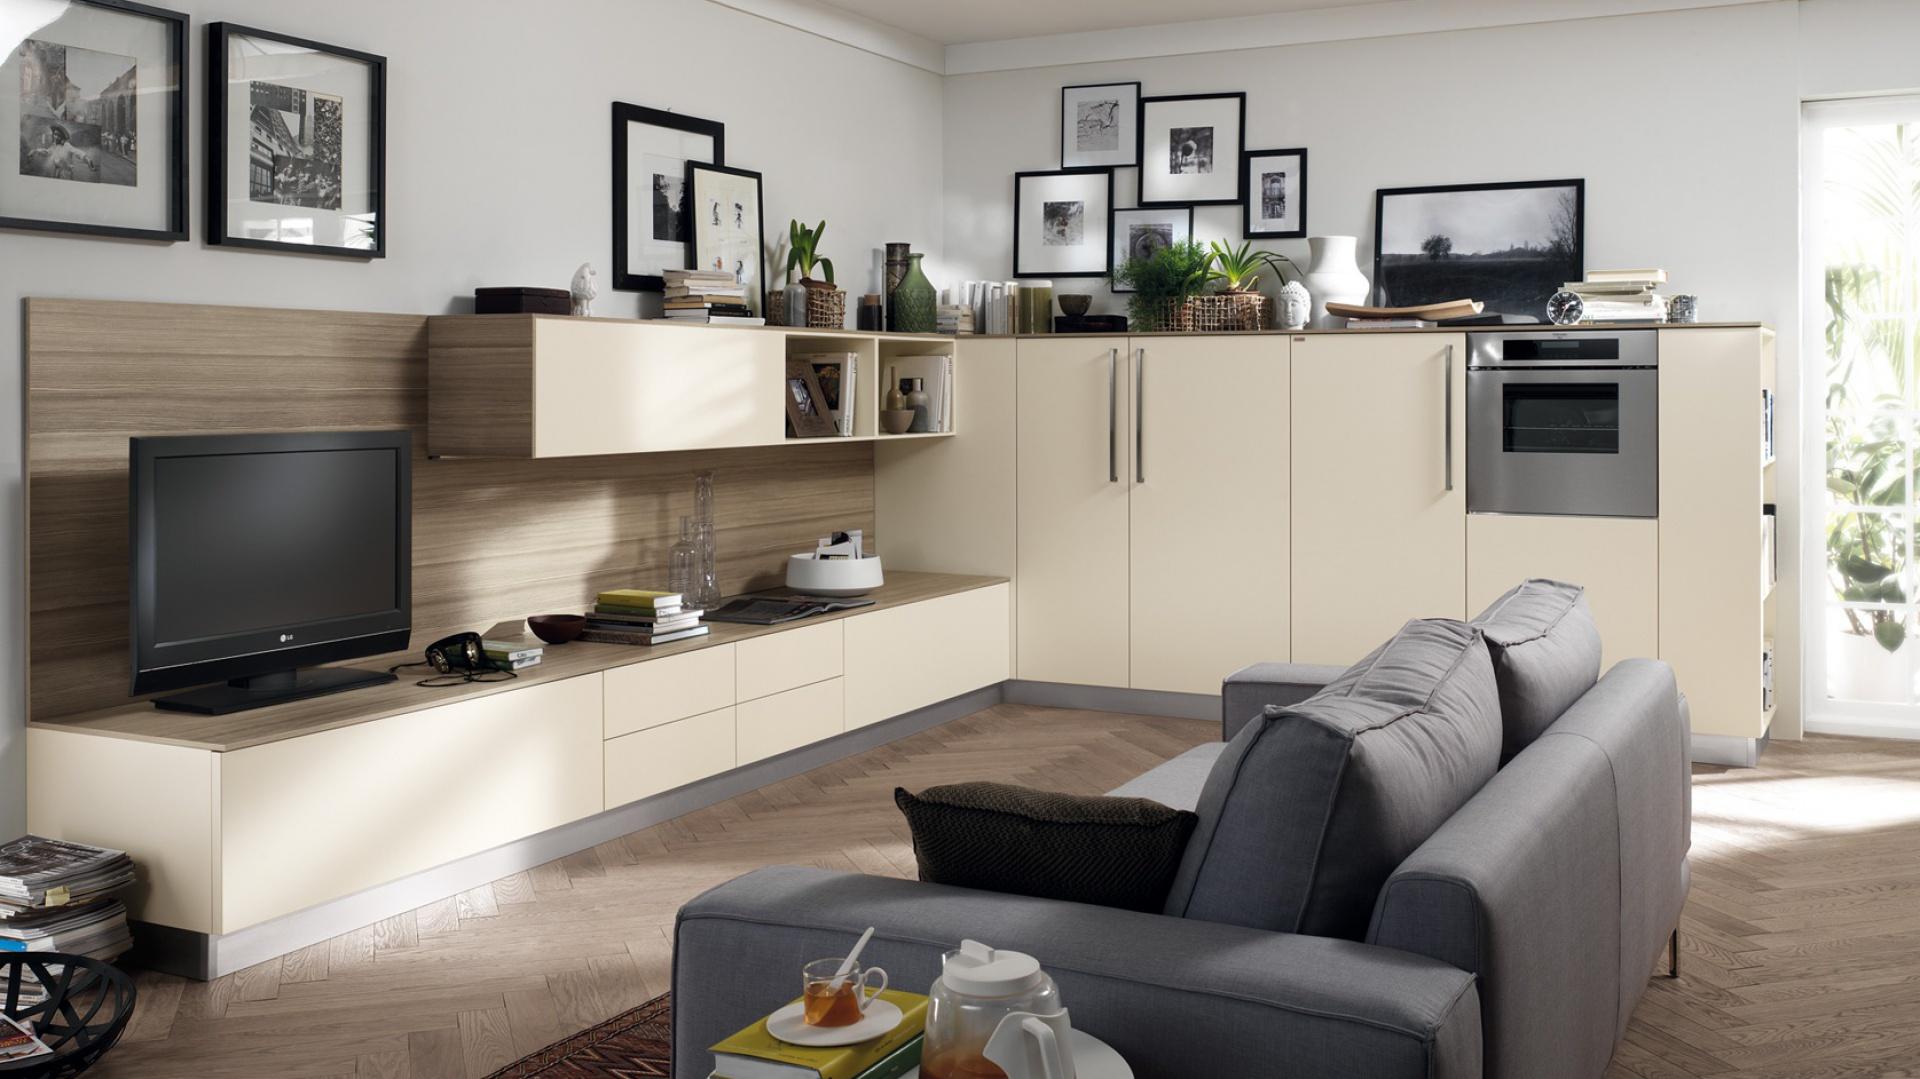 Jak Urządzić Salon I Kuchnię W Jednym Pomieszczeniu